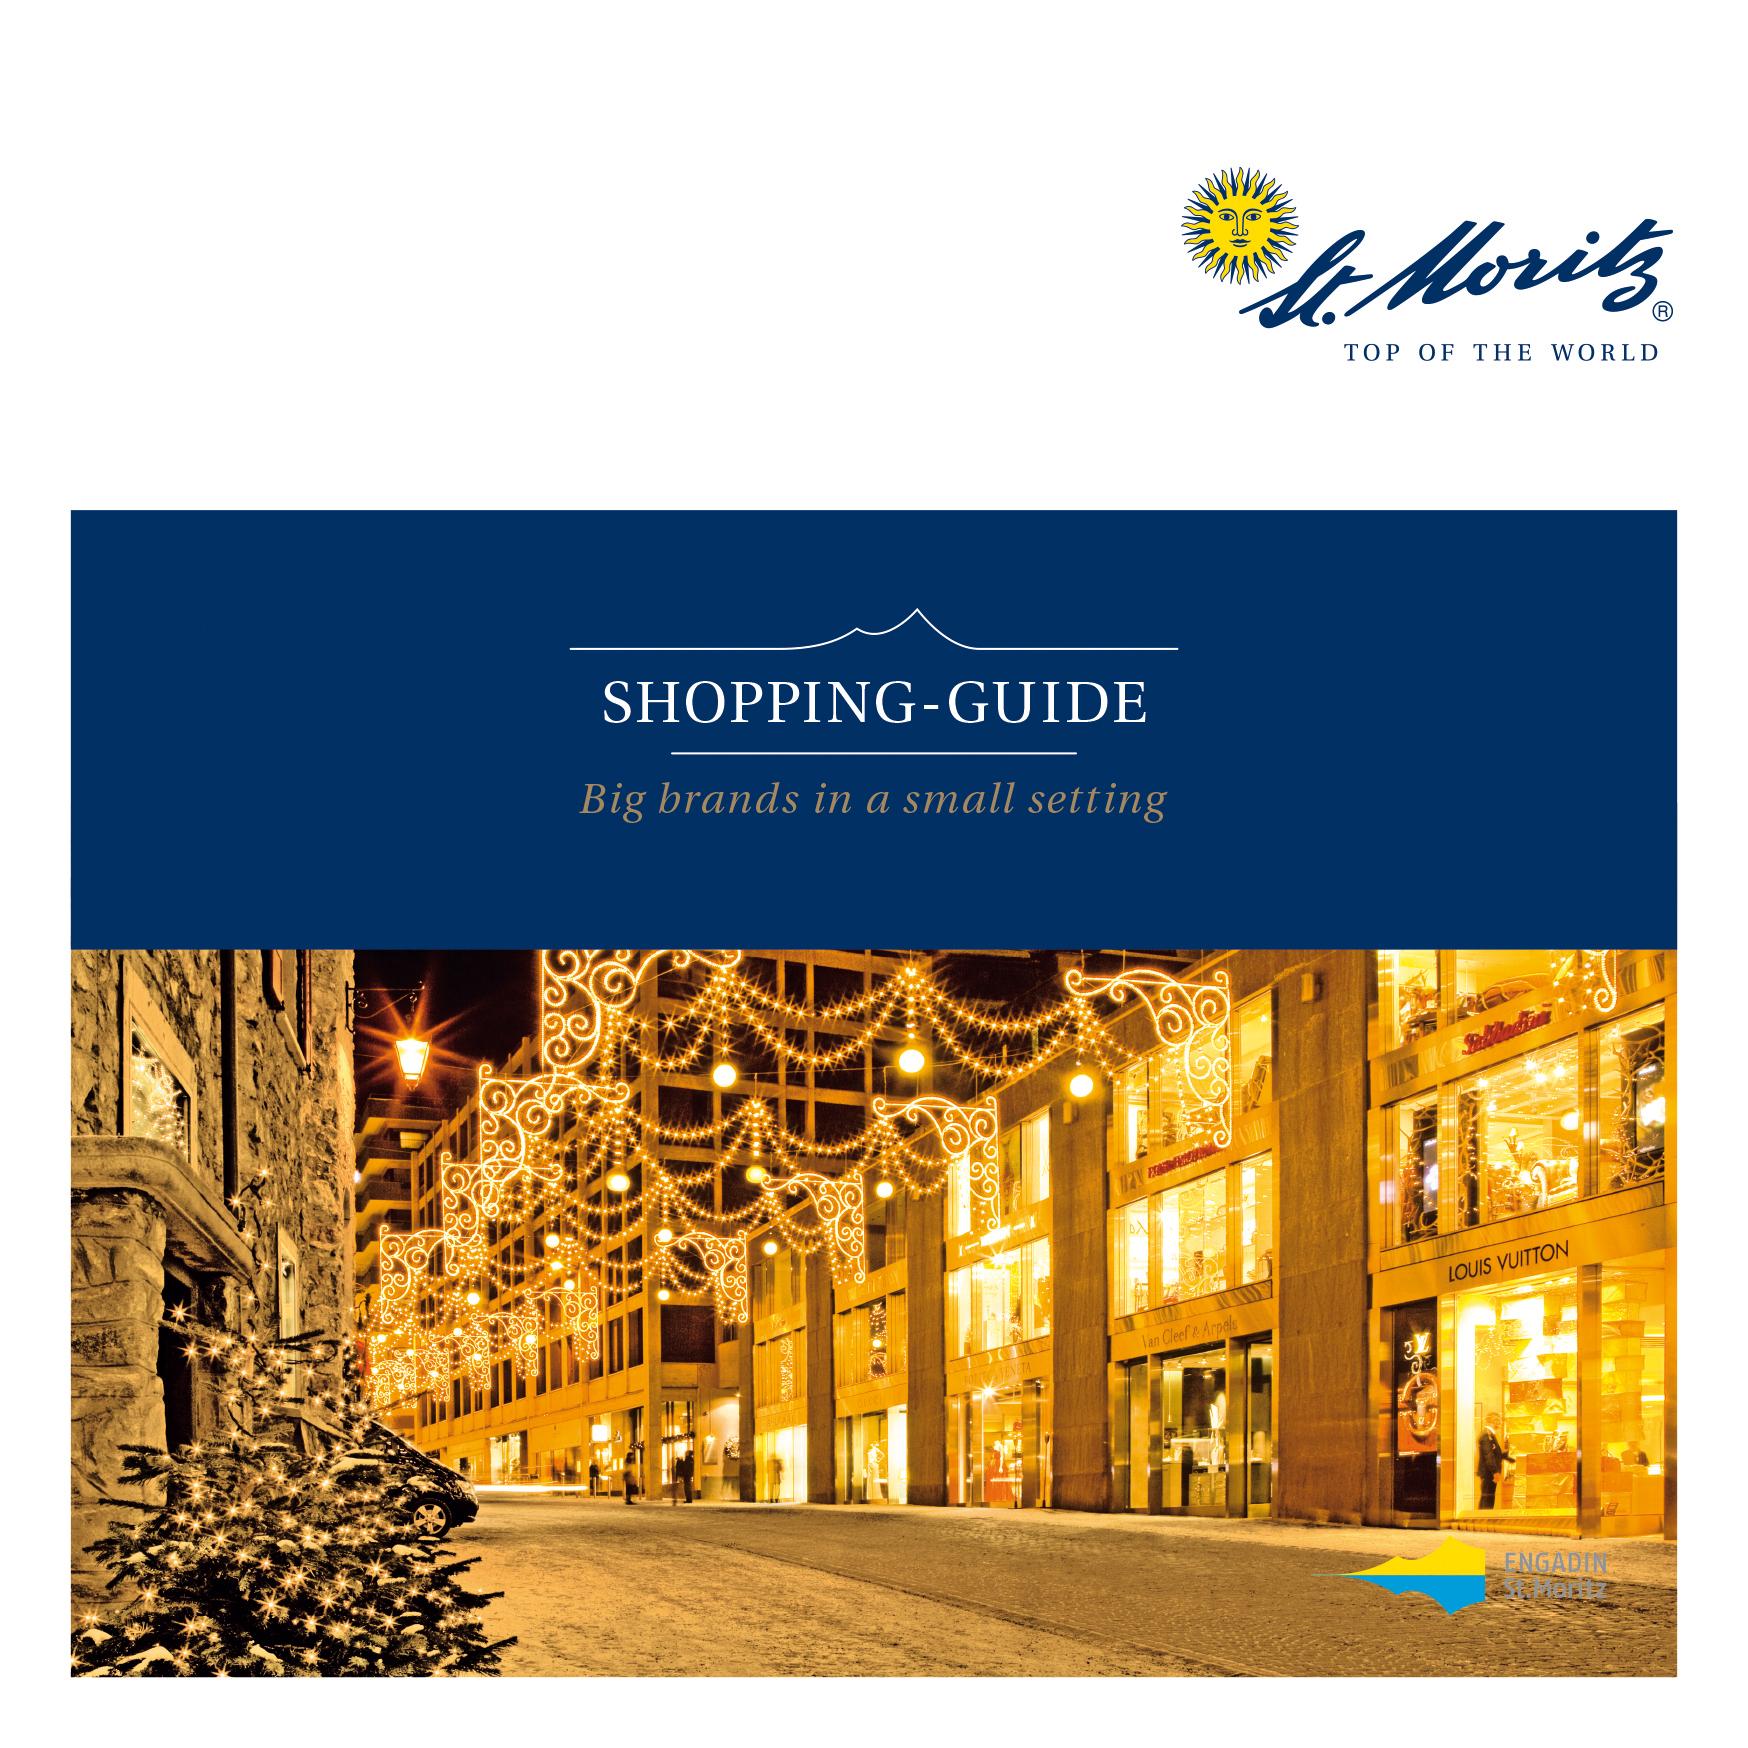 Shopping-Guide Slide 1